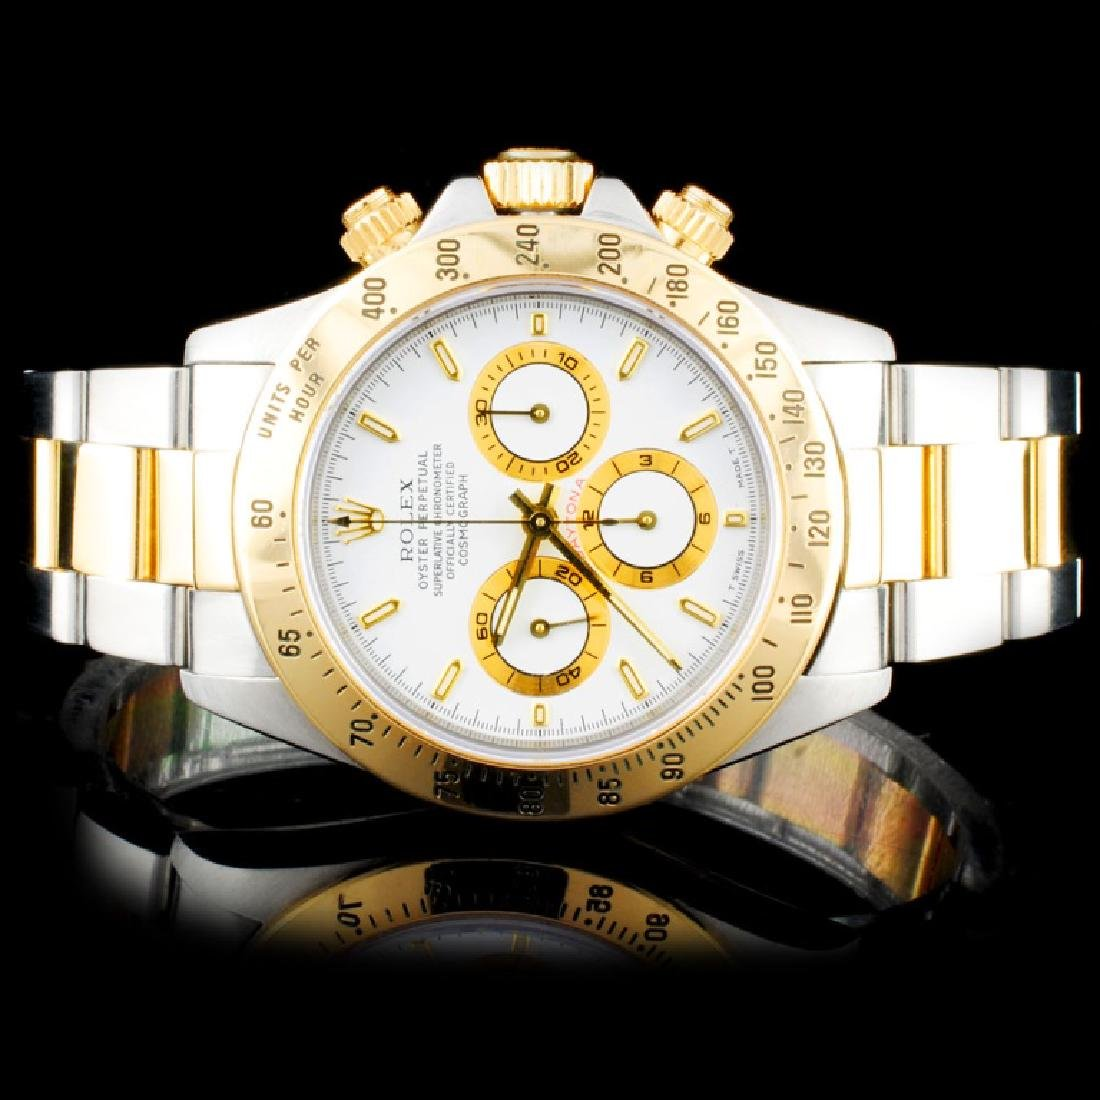 Rolex TwoTone Daytona Zenith Wristwatch